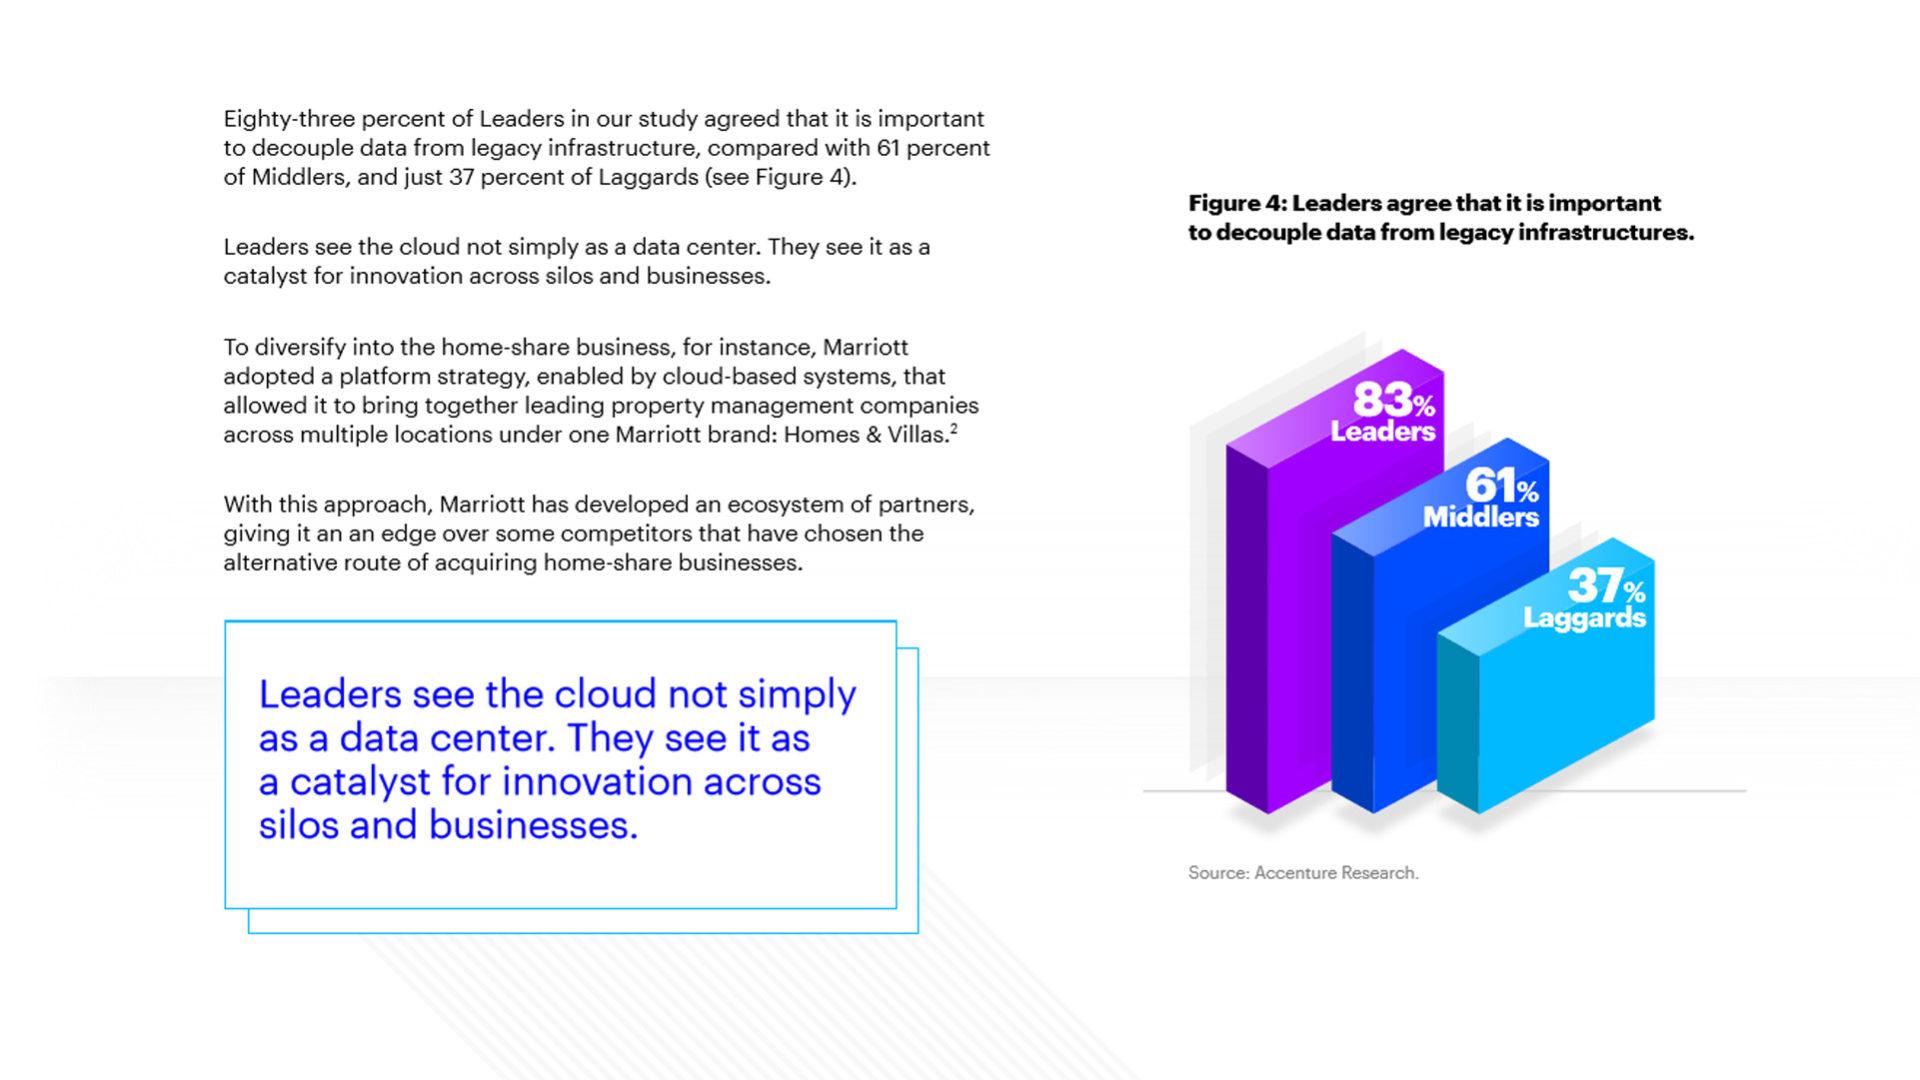 2 – Le aziende leader ritengono importante disaccoppiare i dati dalle infrastrutture legacy. Fonte: Accenture, 2020 2